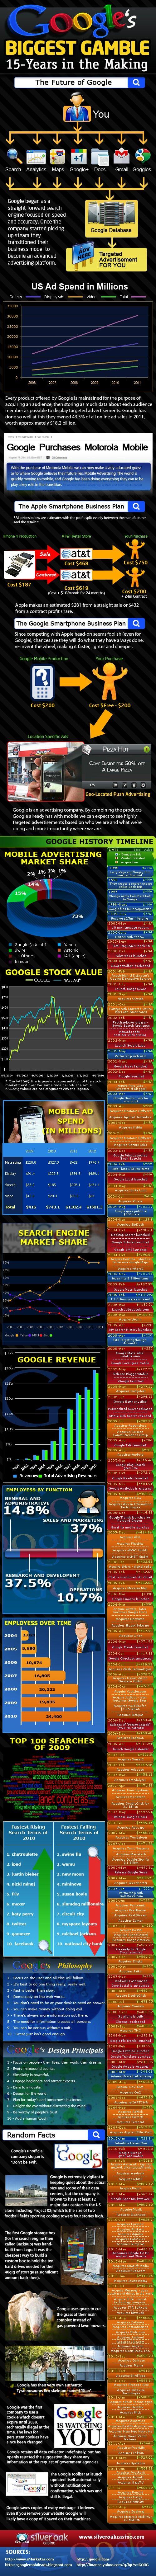 La mayor apuesta de Google a lo largo de 15 años en el mercado.